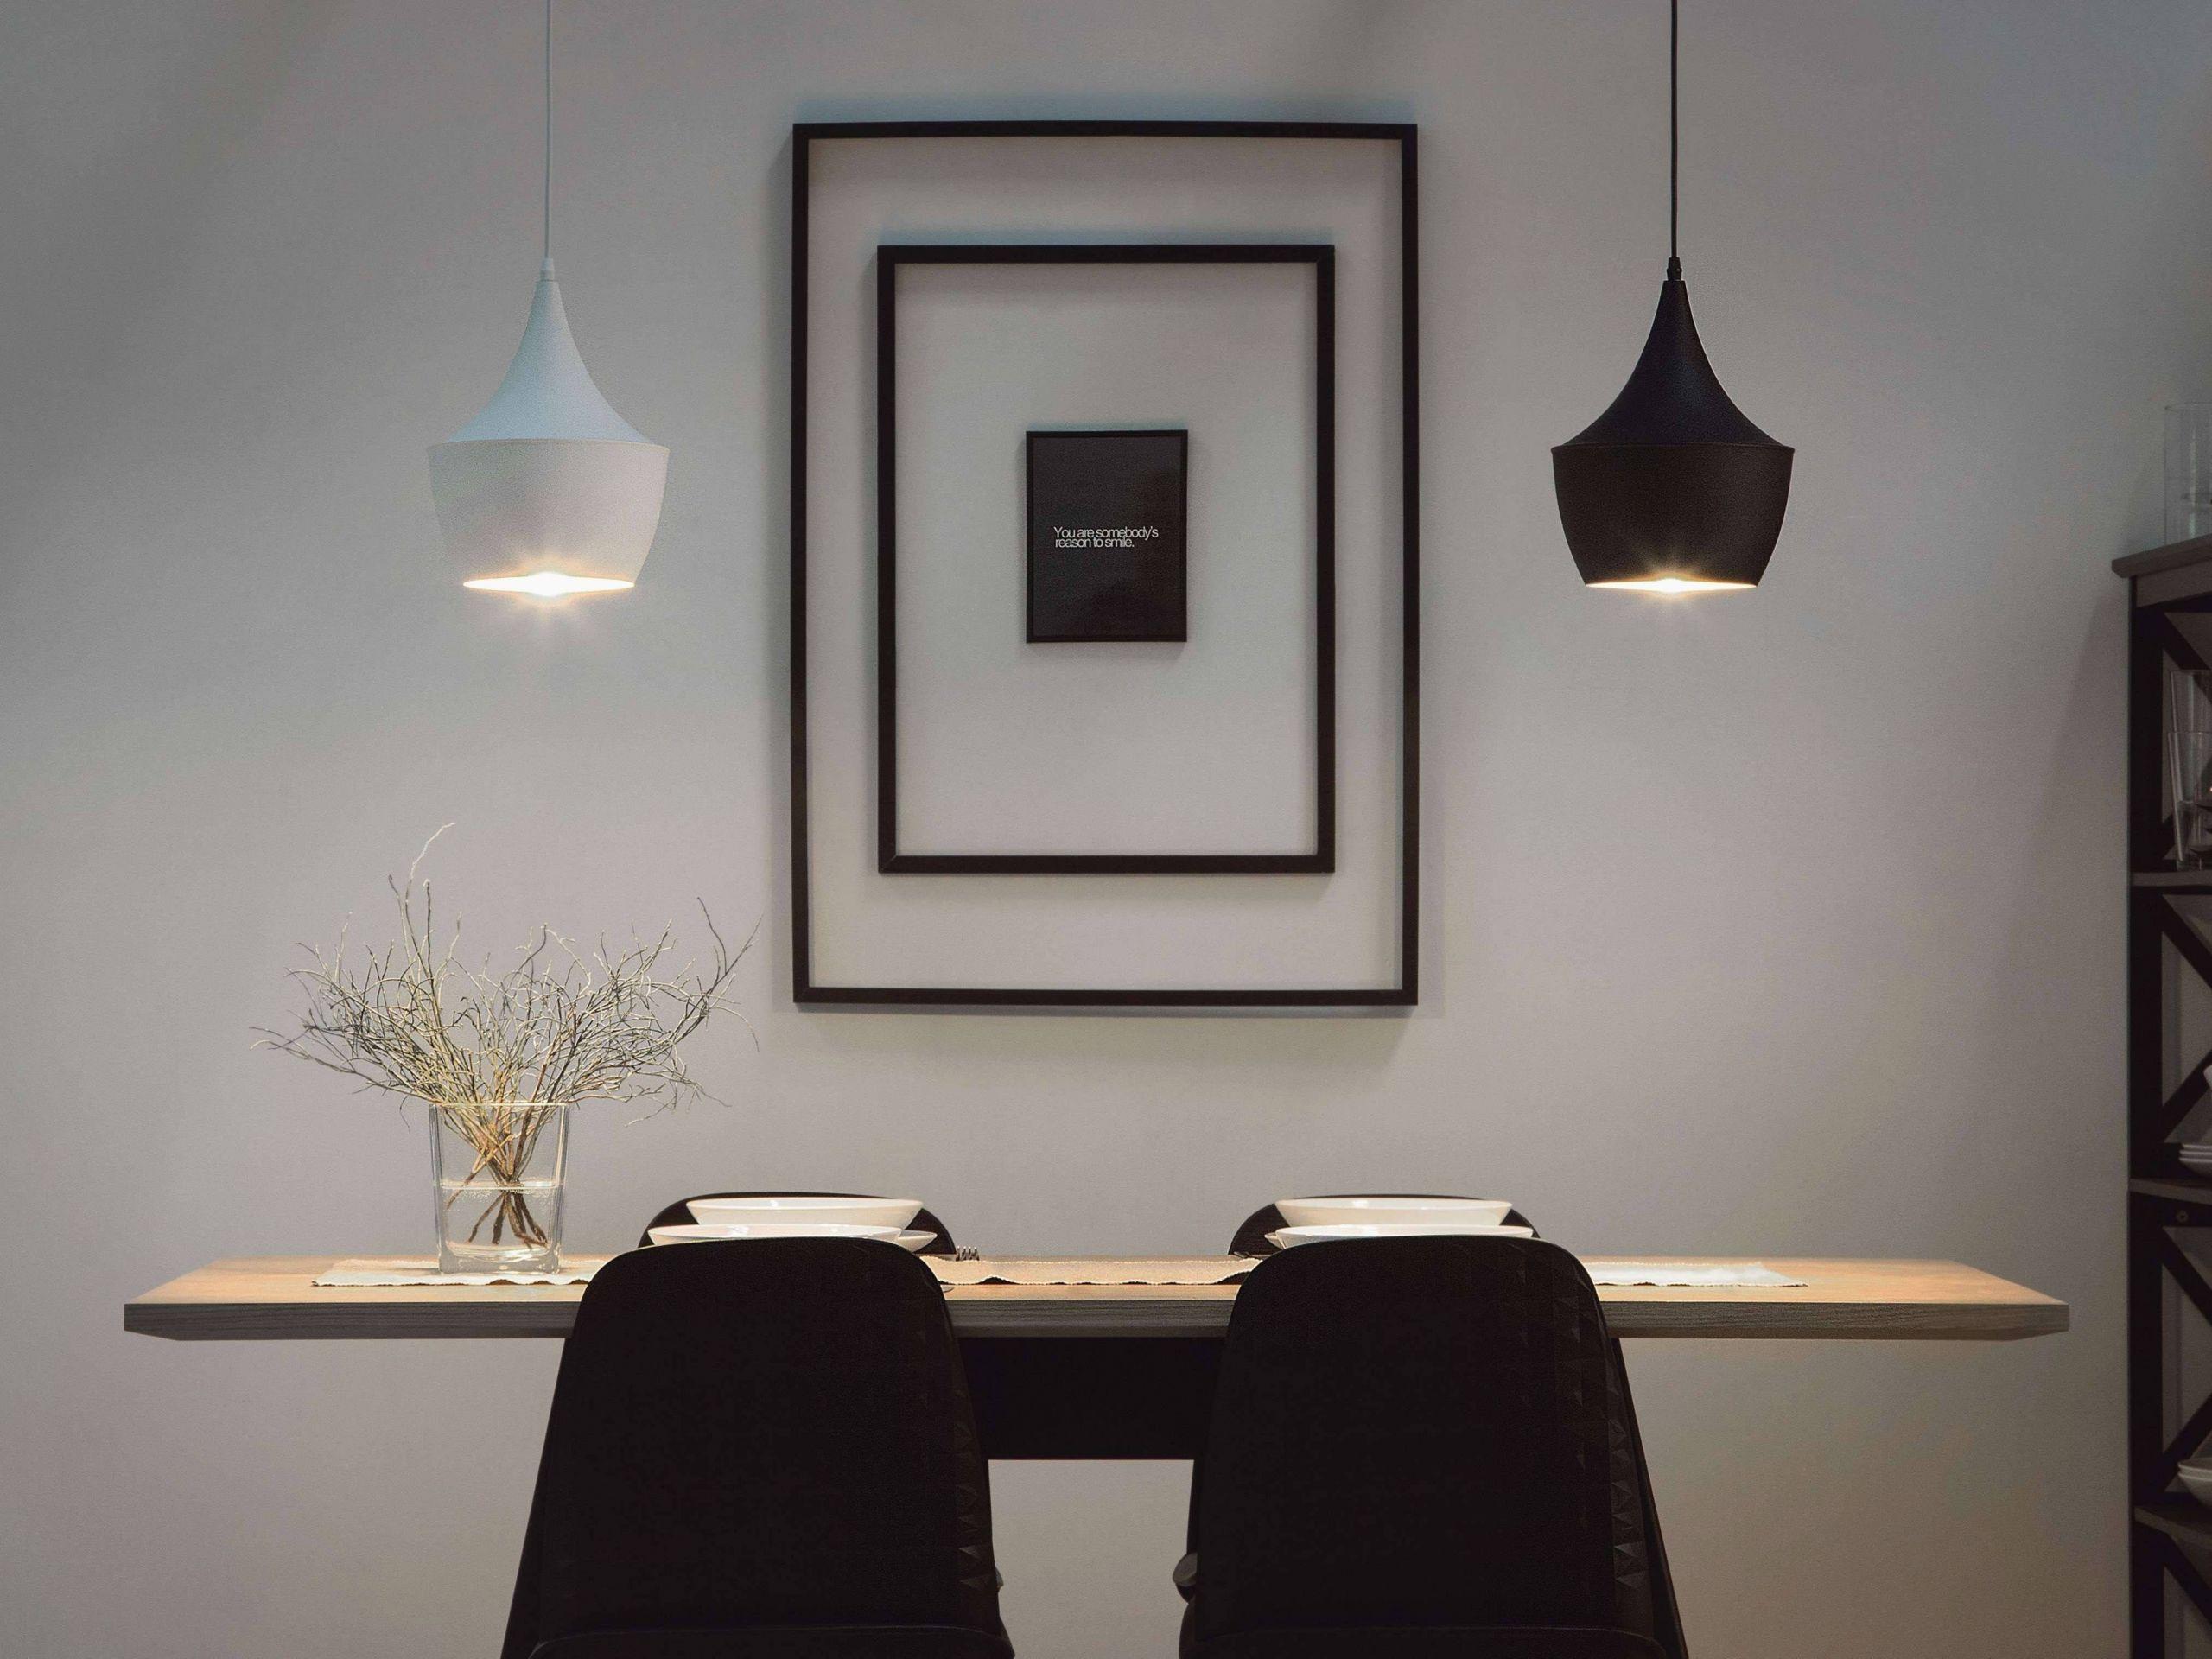 wohnzimmer regal schiebetur super regal mit tisch kuche galerie kuchendesign ideen of wohnzimmer regal schiebetur